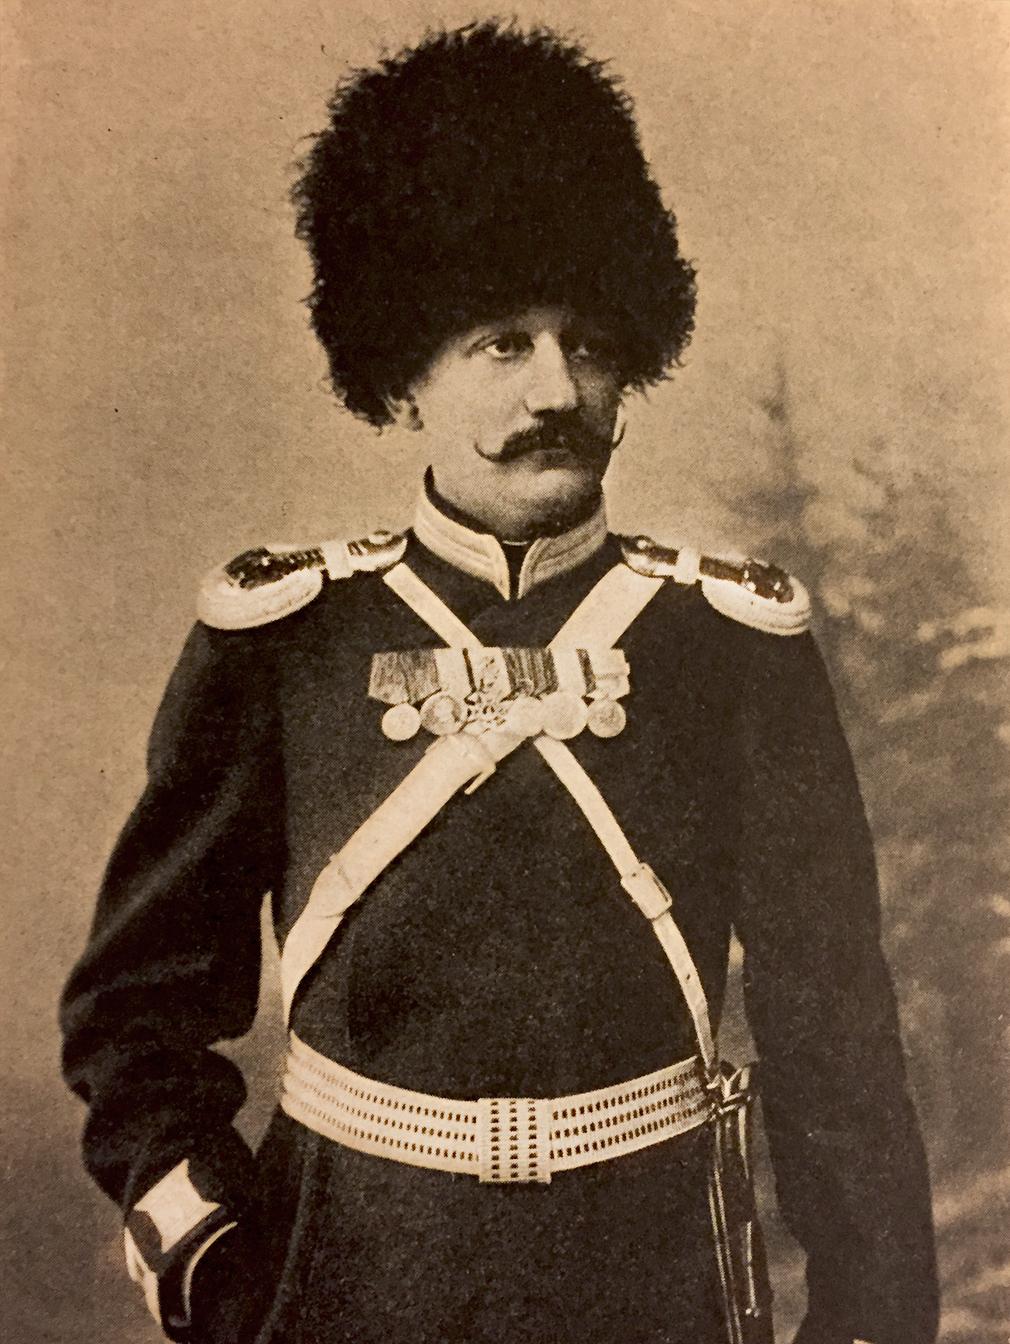 Nj. V. Knez Arsen Karađorđević